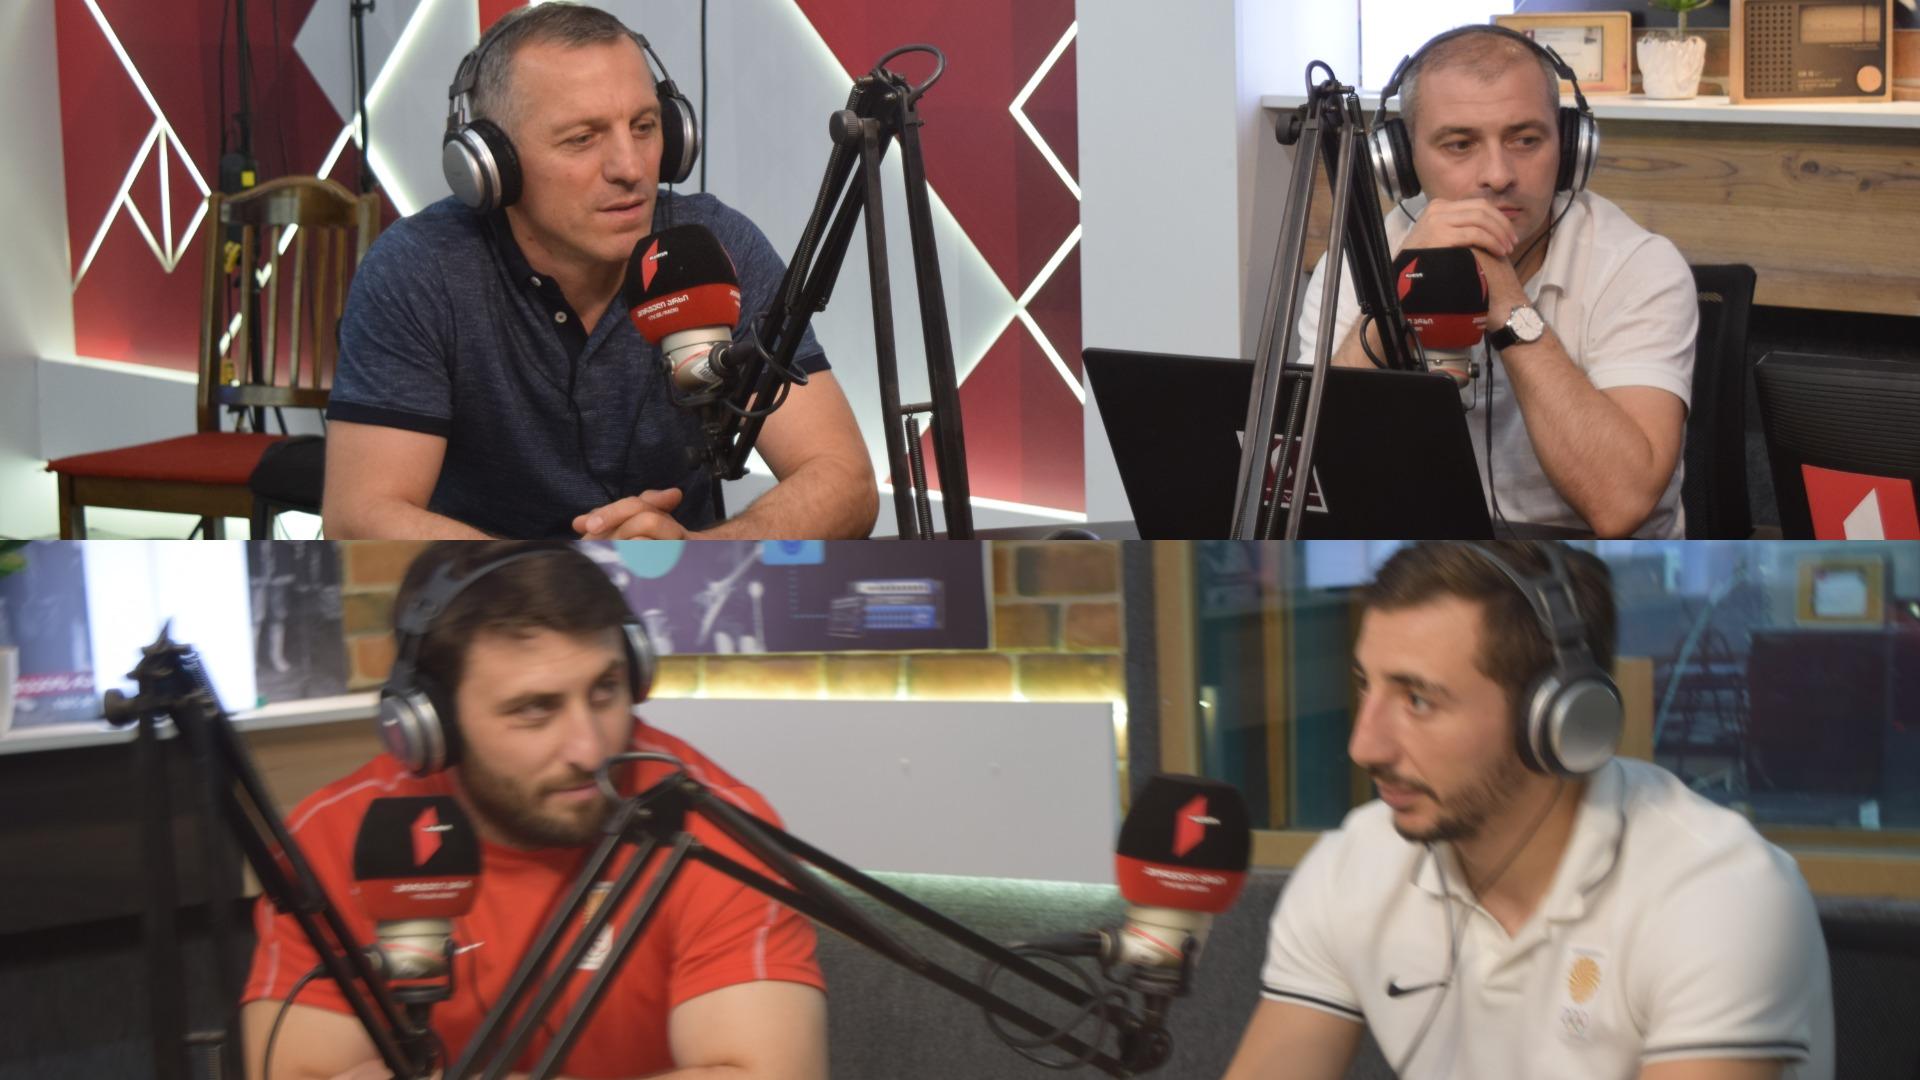 #ესტაფეტა - მეორე ევროპული თამაშები და ქართული სამბოს ტრიუმფი